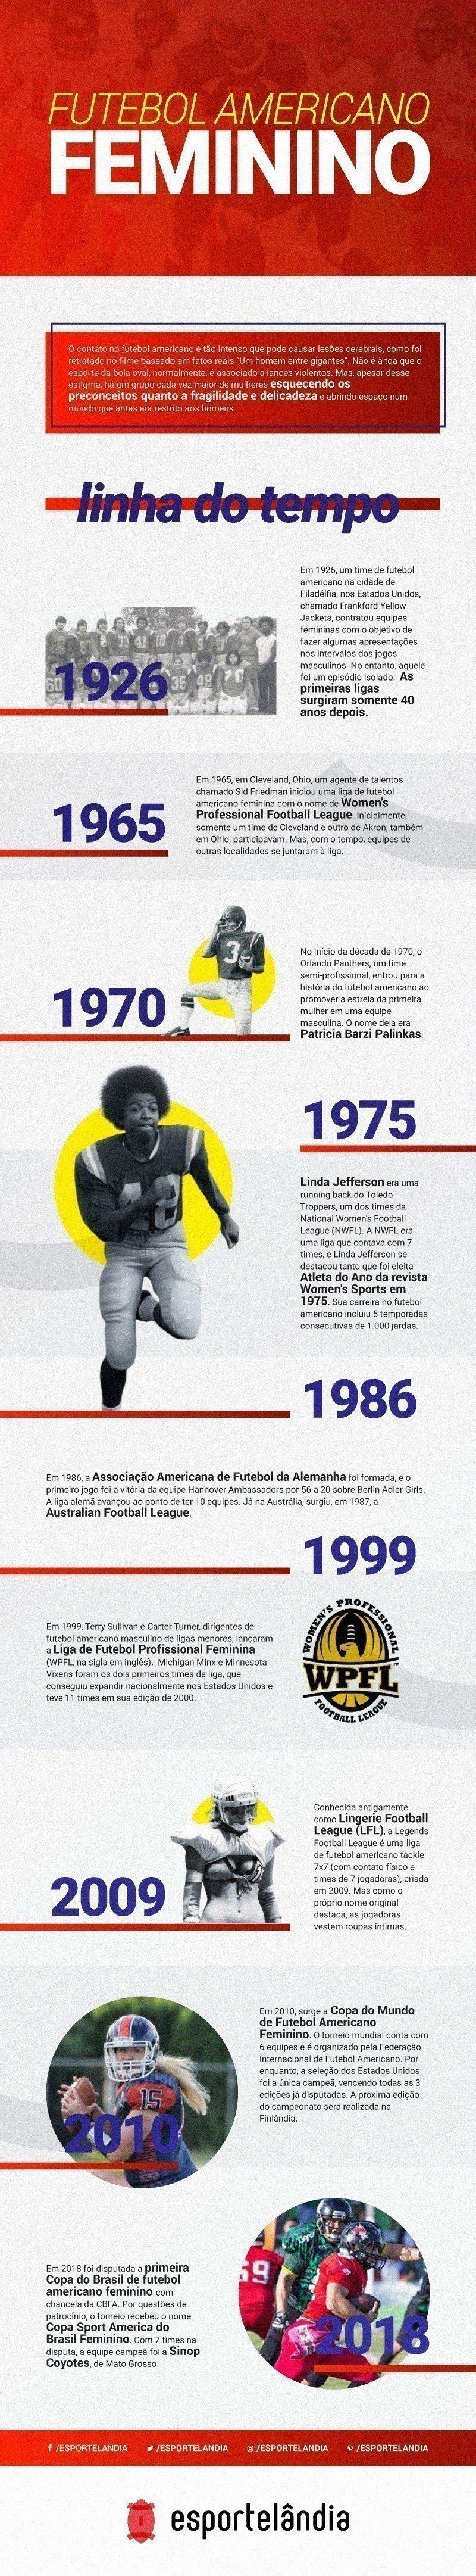 Infográfico história do futebol americano feminino